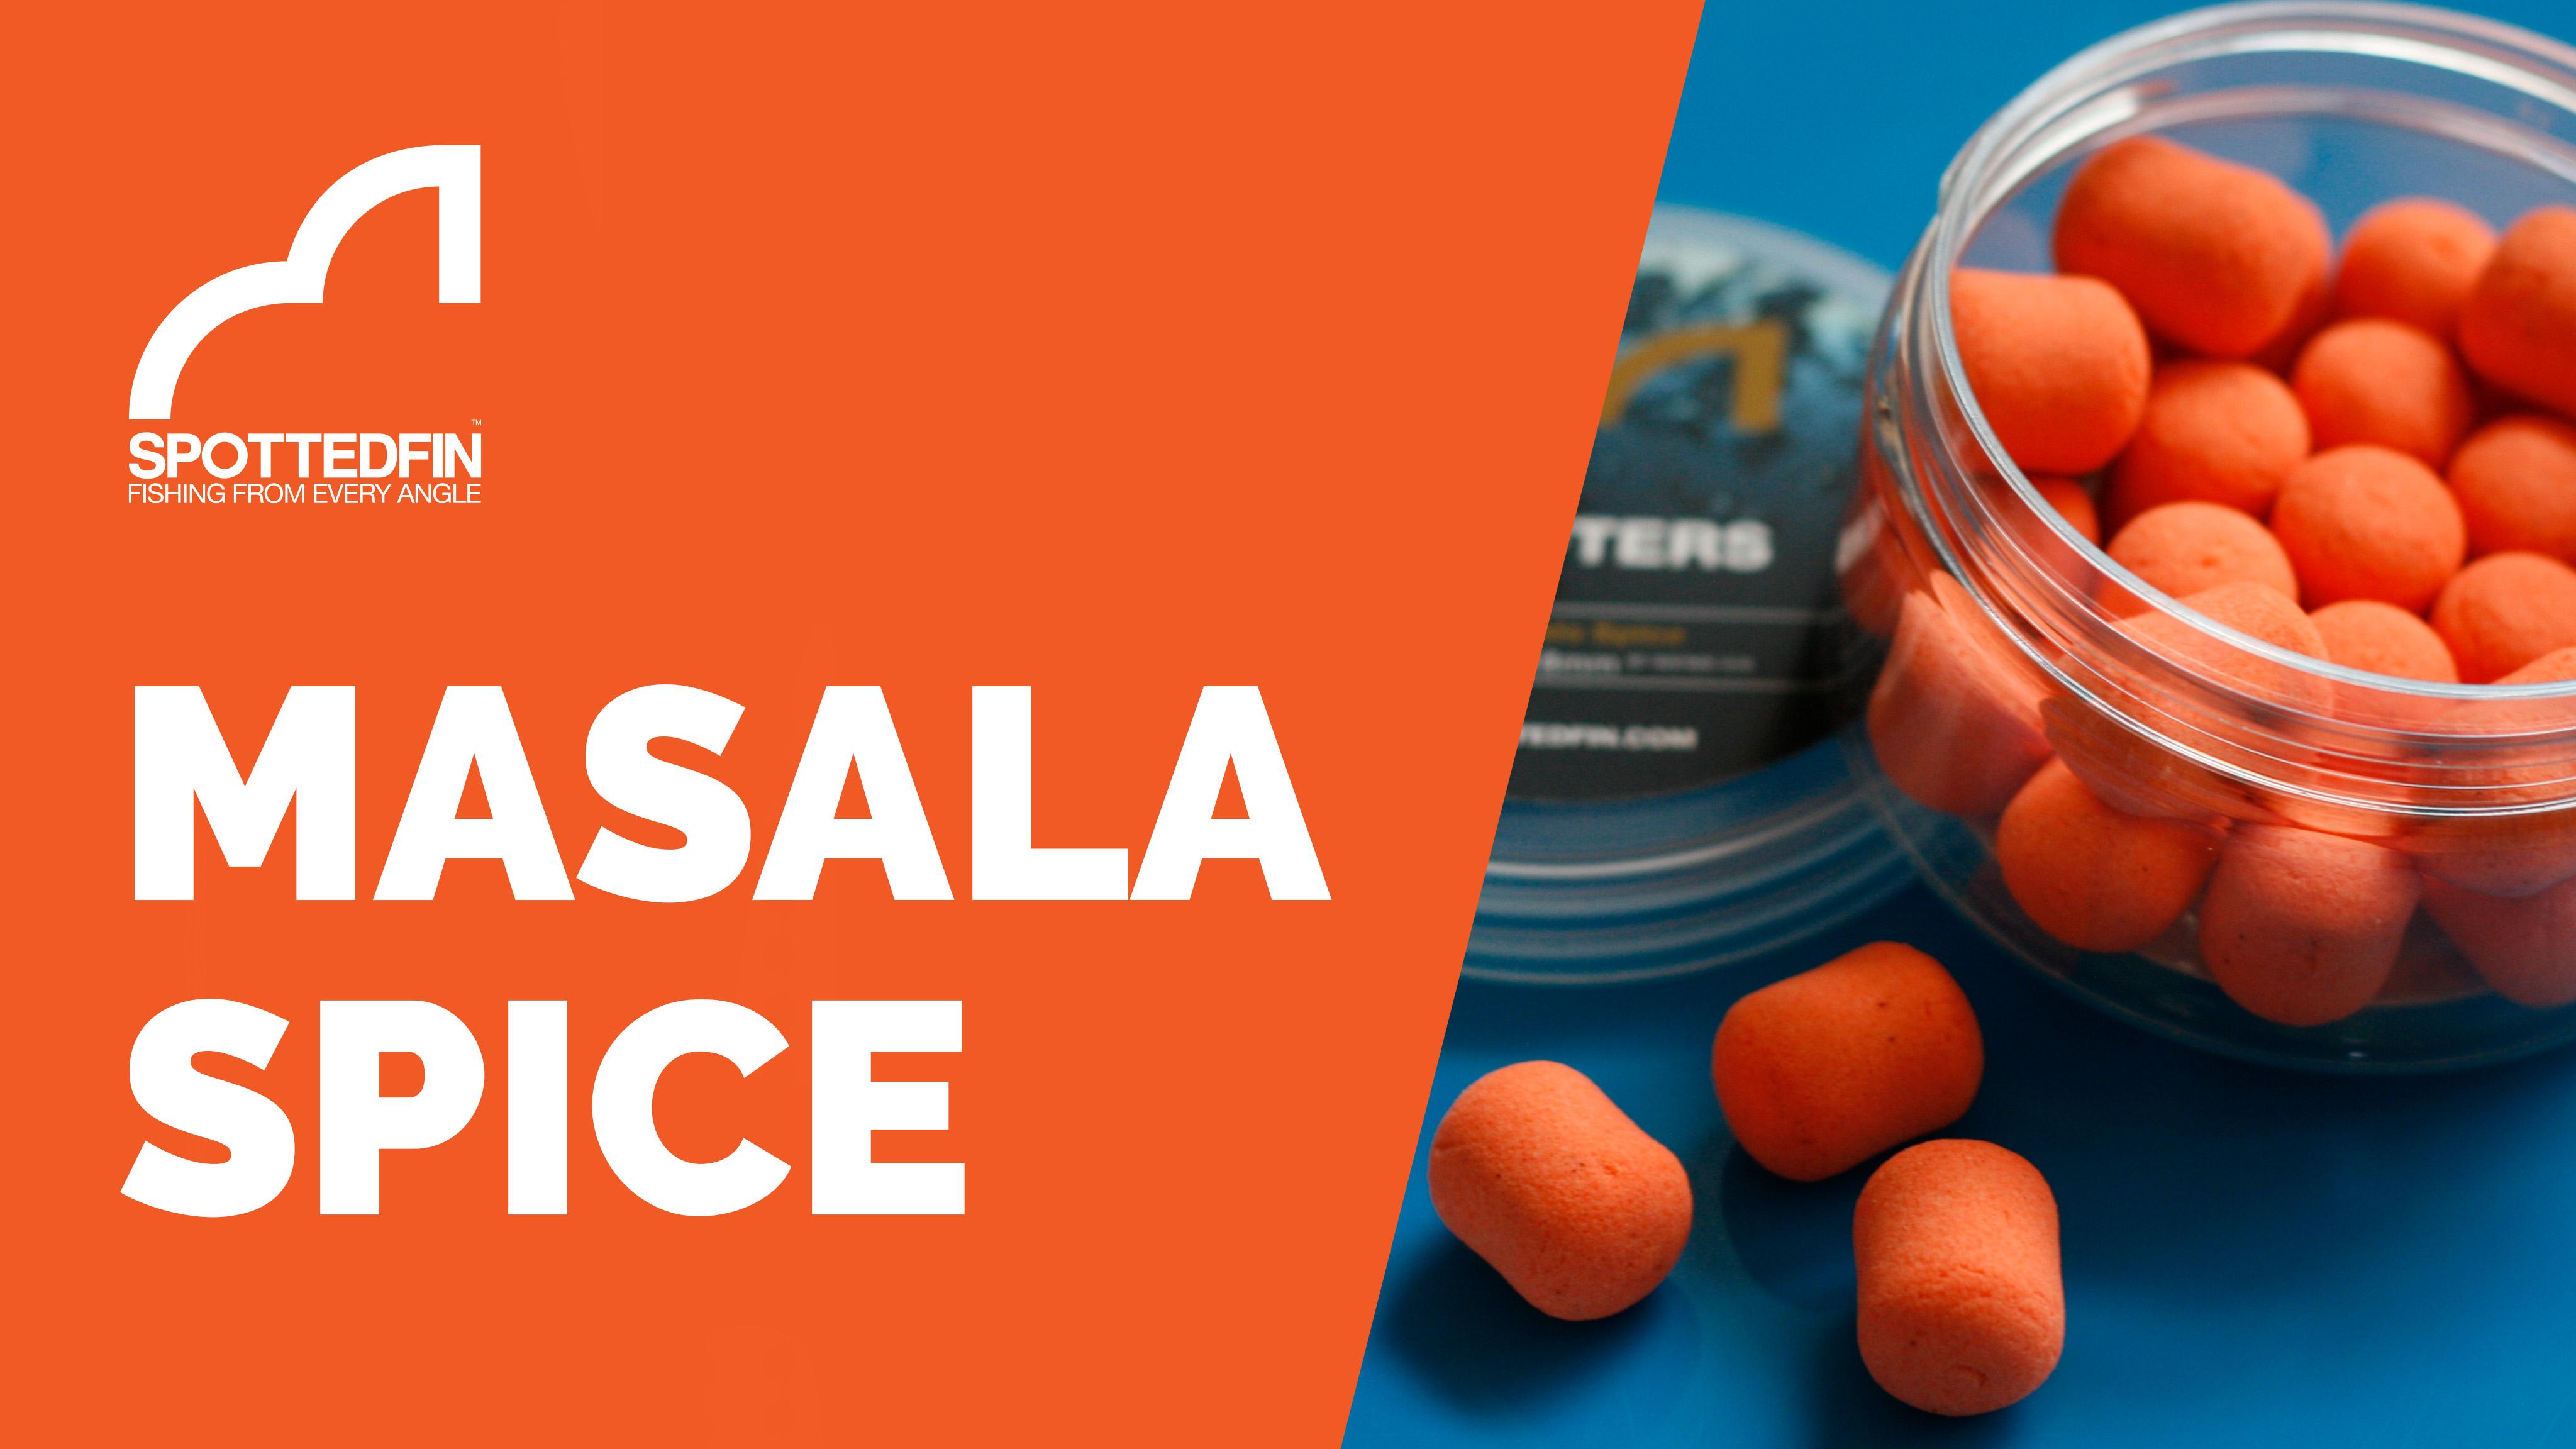 Spotted Fin - Produkty Masala Spice